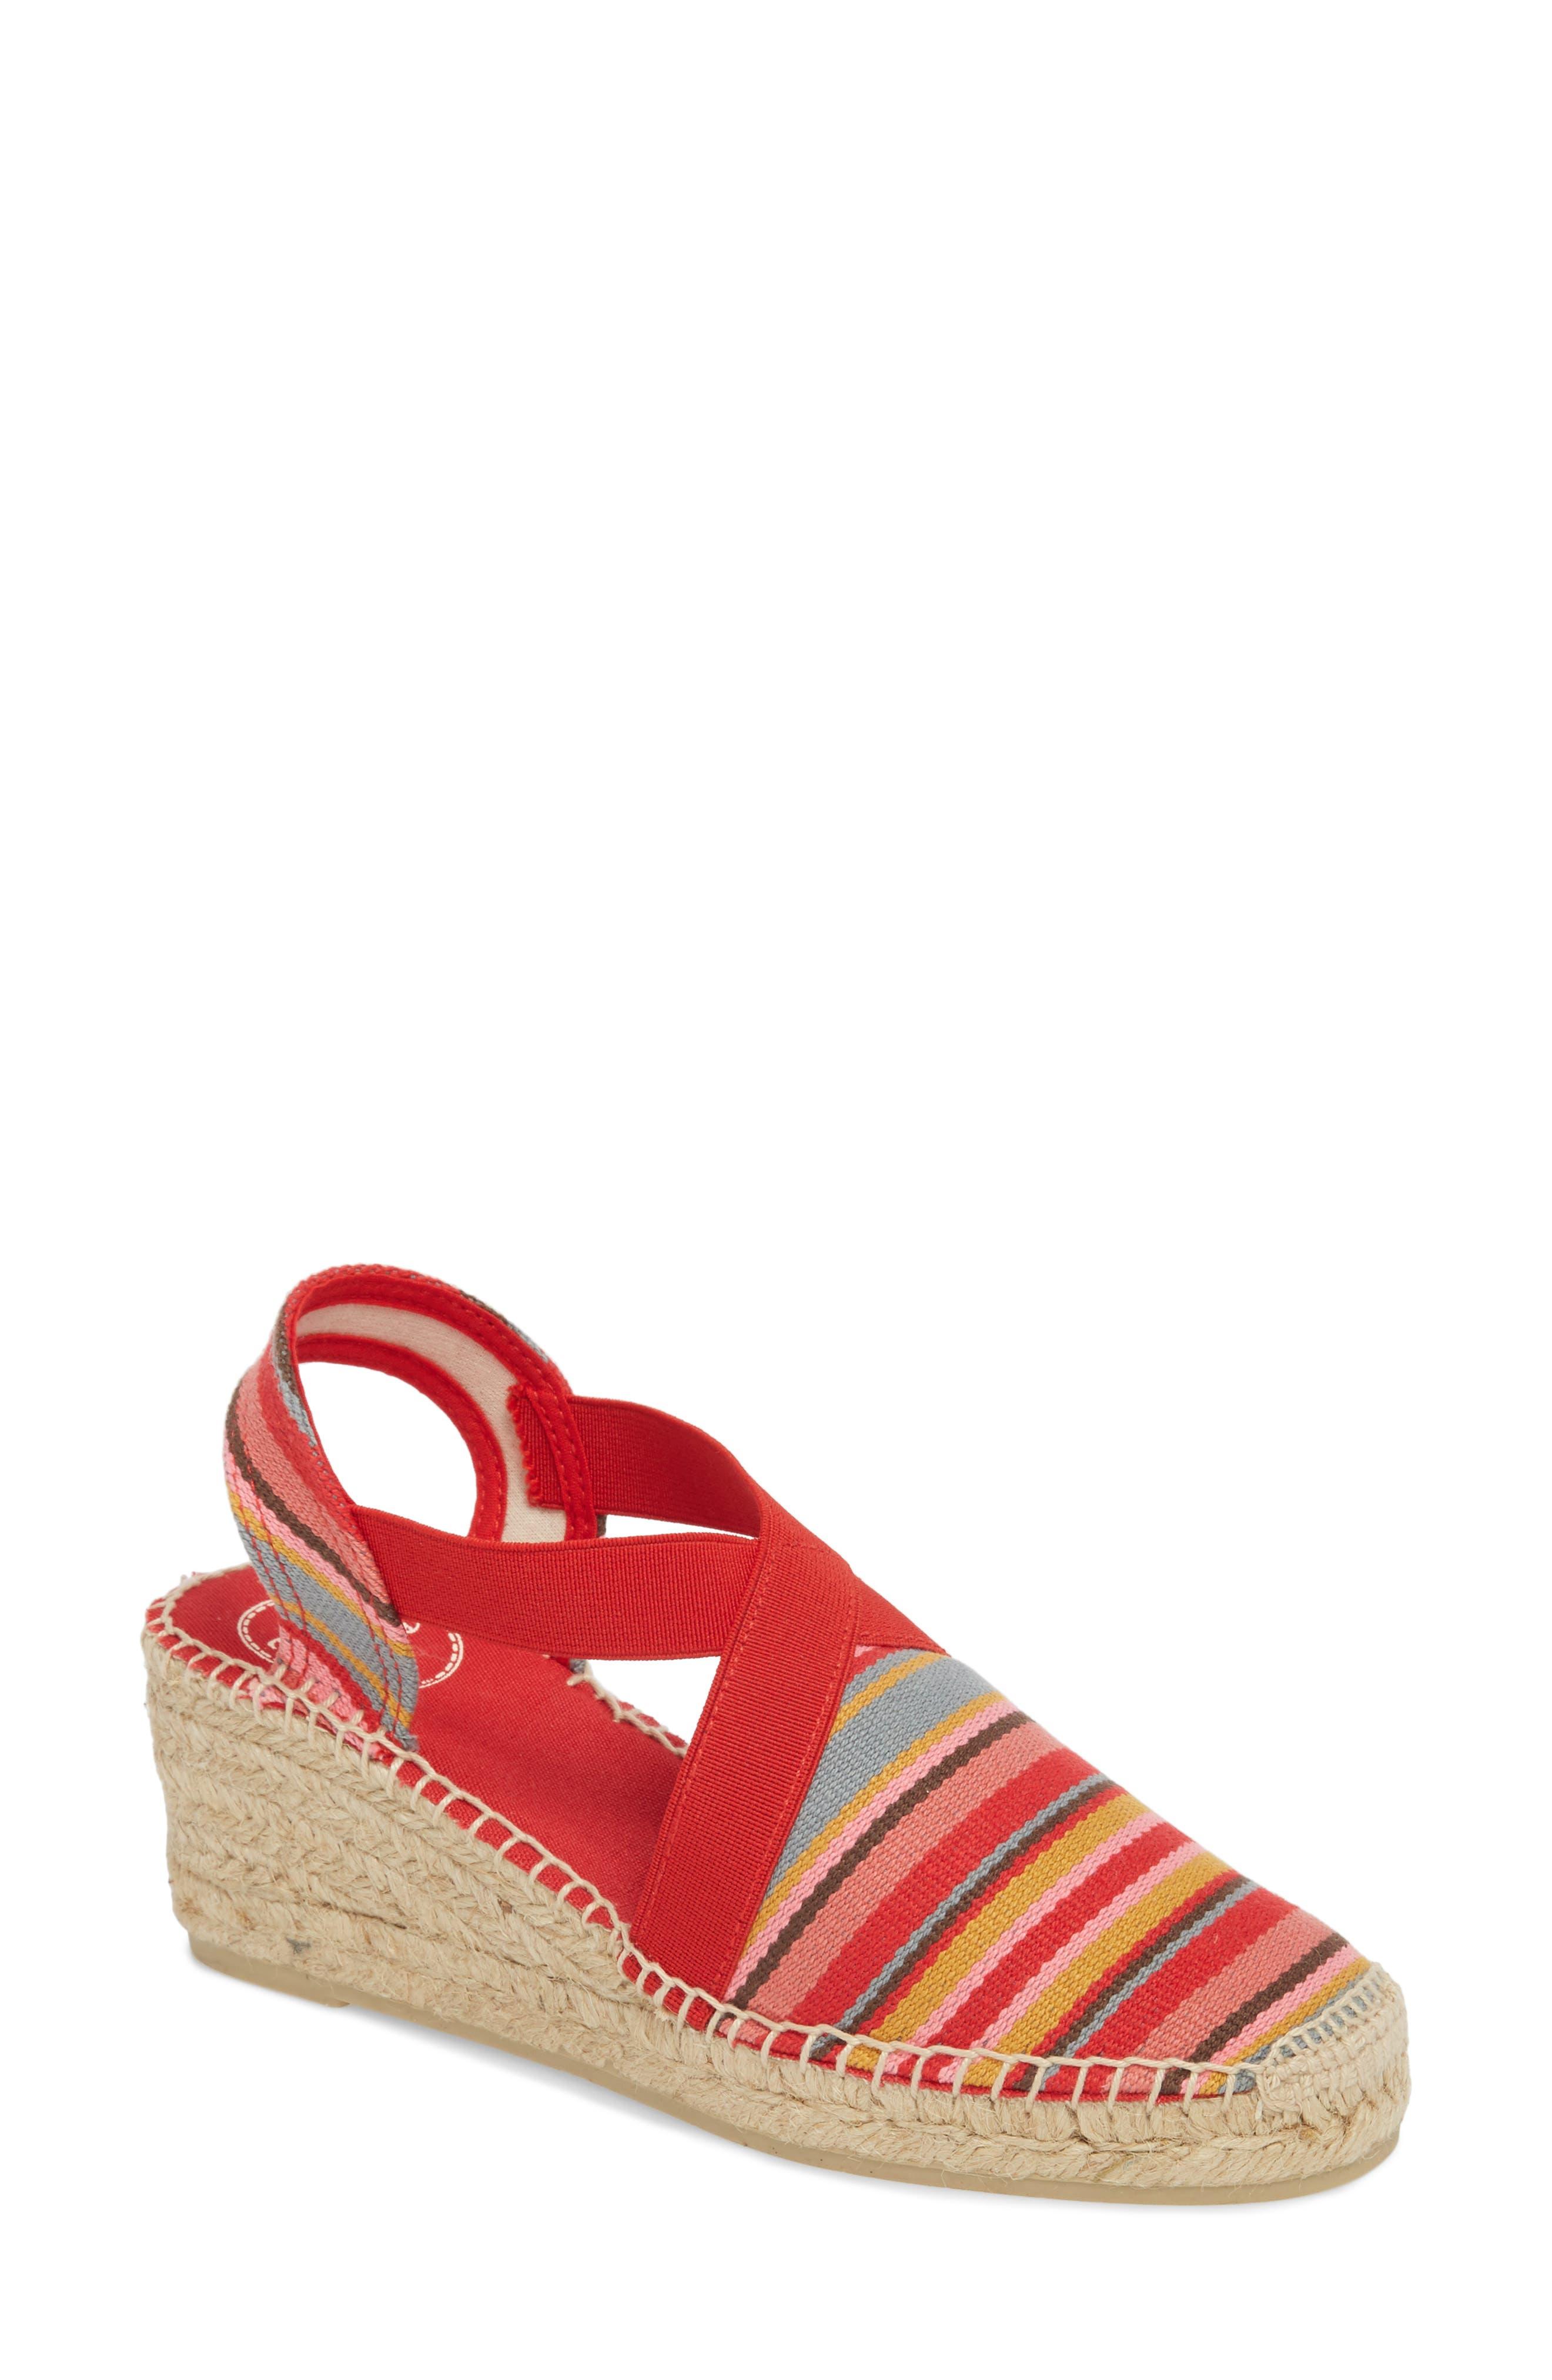 Toni Pons 'Tarbes' Espadrille Wedge Sandal (Women)